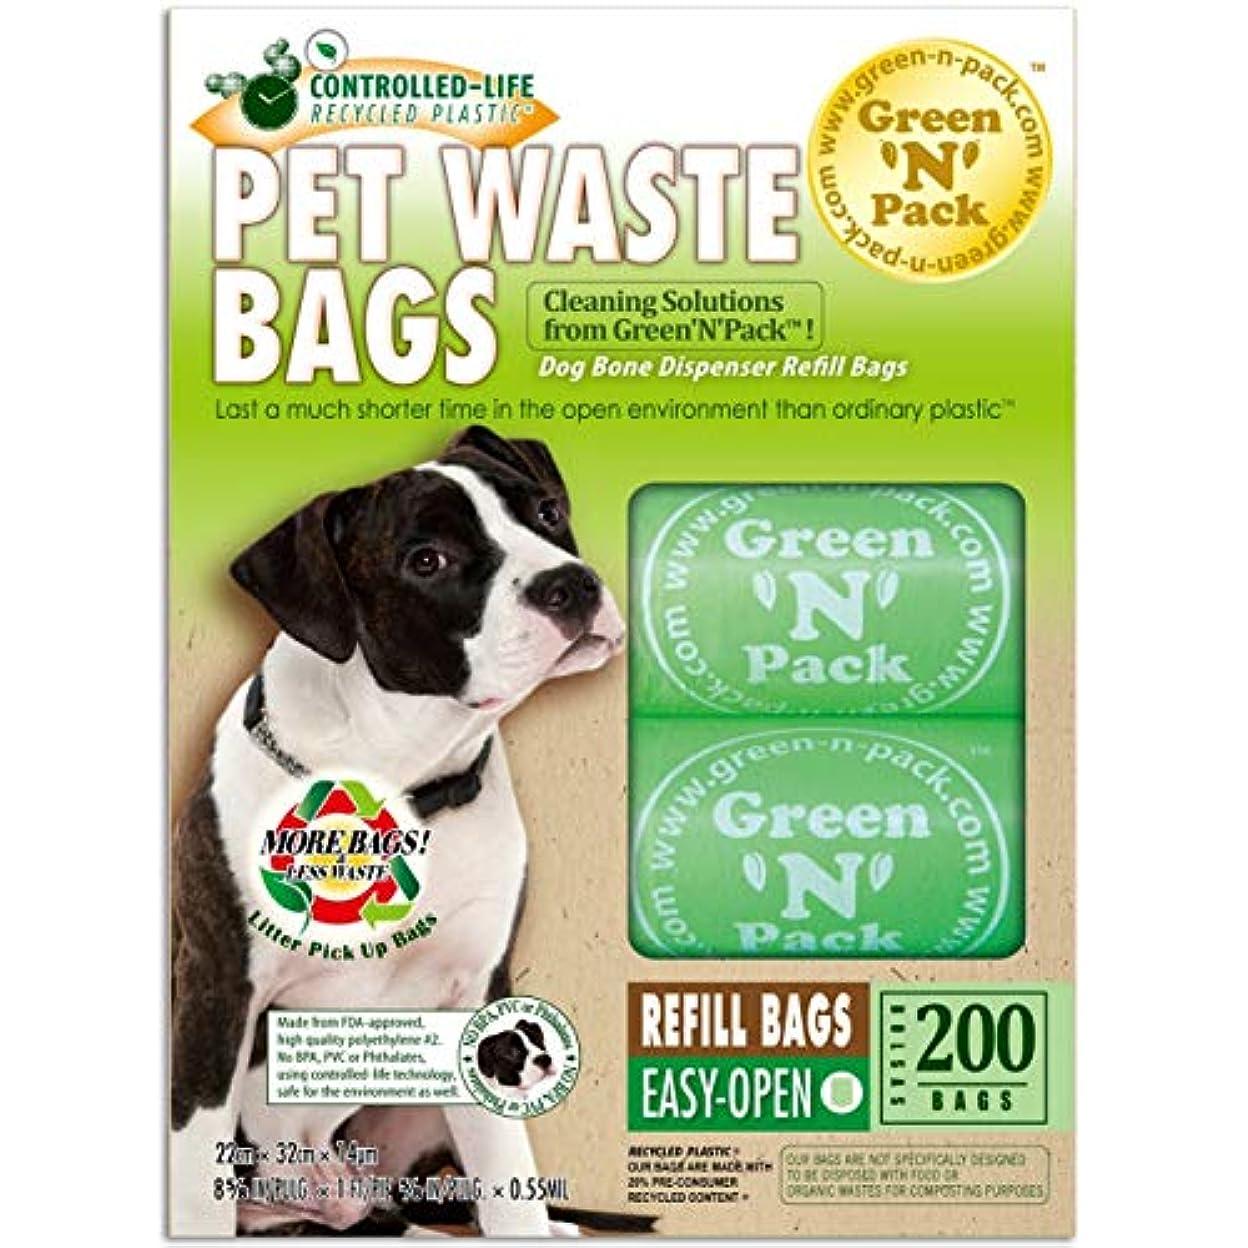 付録匿名自分の力ですべてをするGreen 'N' Pack Eco Friendly Bags - 犬Pooは日 75 パックを袋に入れる - 200バッグ